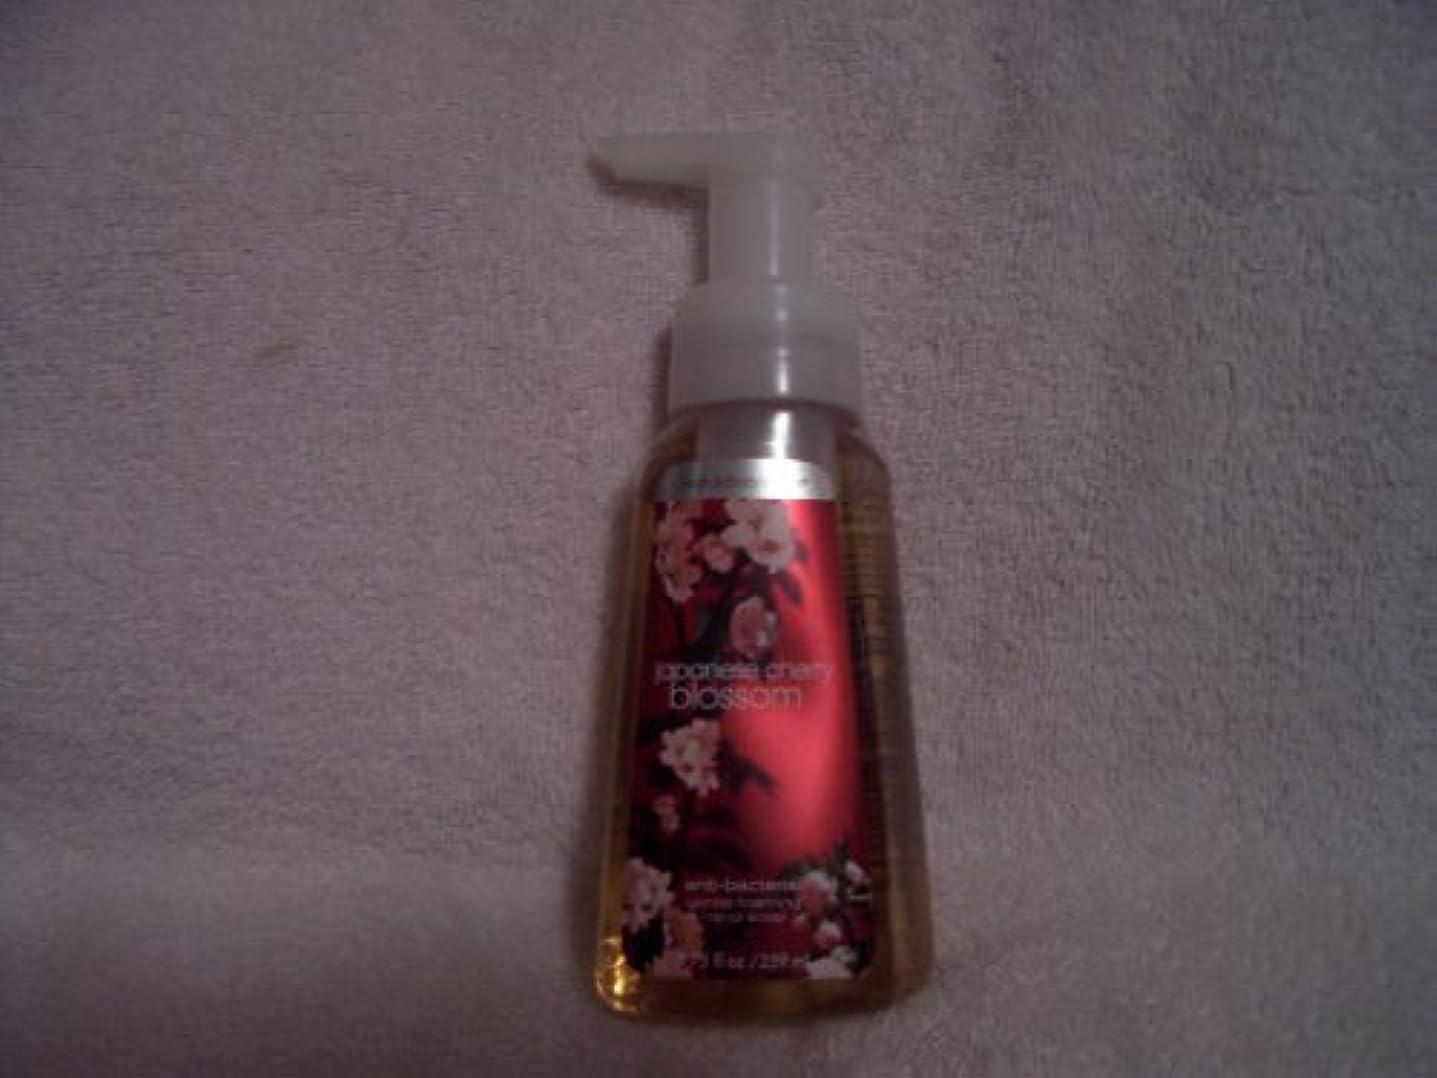 野ウサギ退院歌手[Bath&Body Works] フォーミングハンドソープ ジャパニーズチェリーブロッサム 259ml [海外直送品]